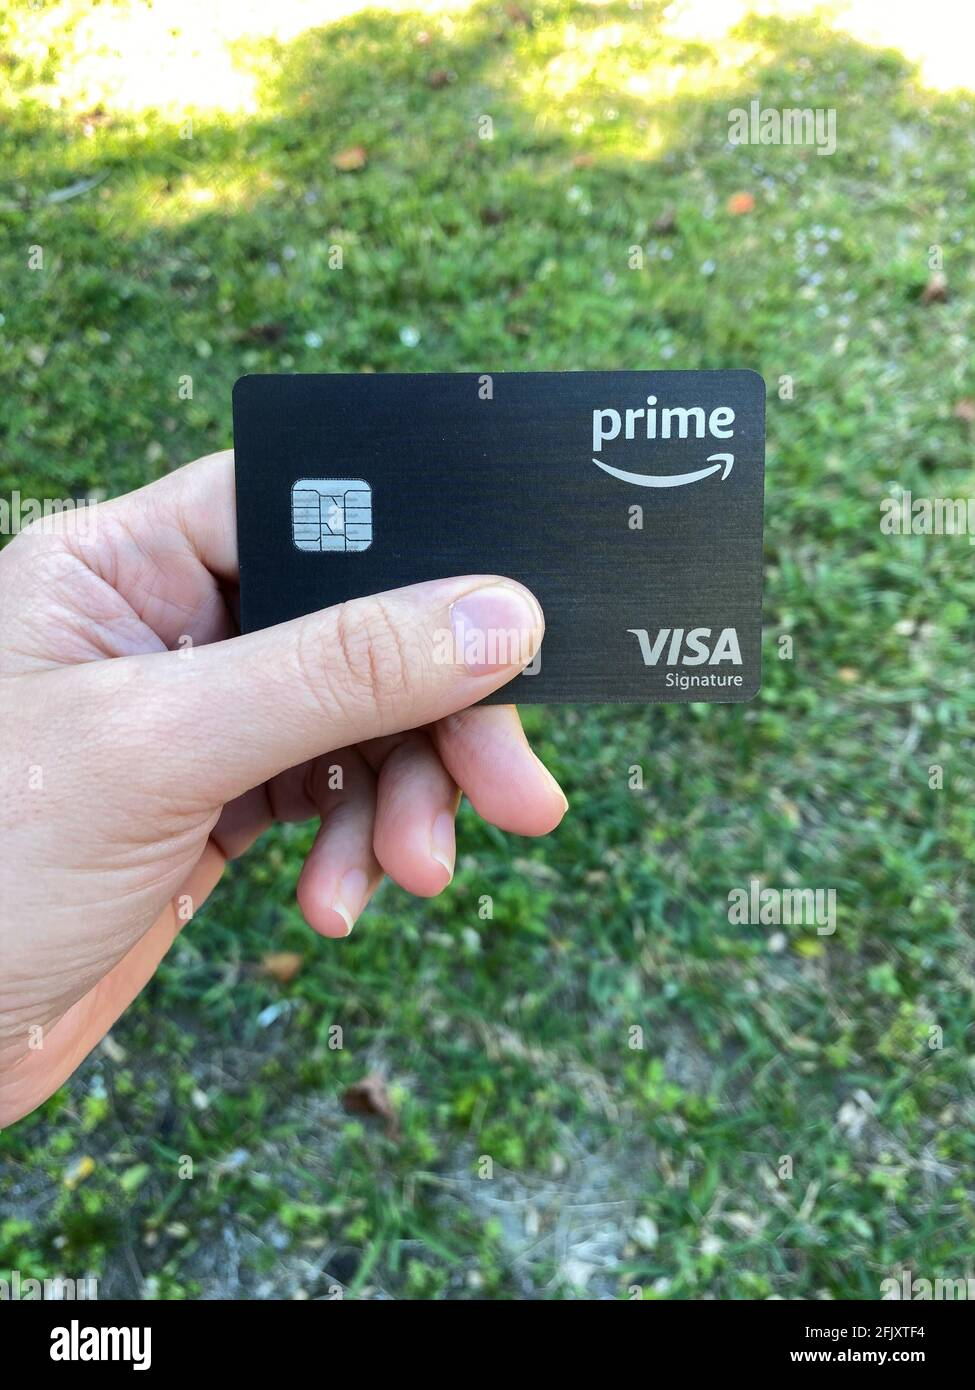 Eine Frau hält eine Amazon Prime Rewards Visa Signature Card in